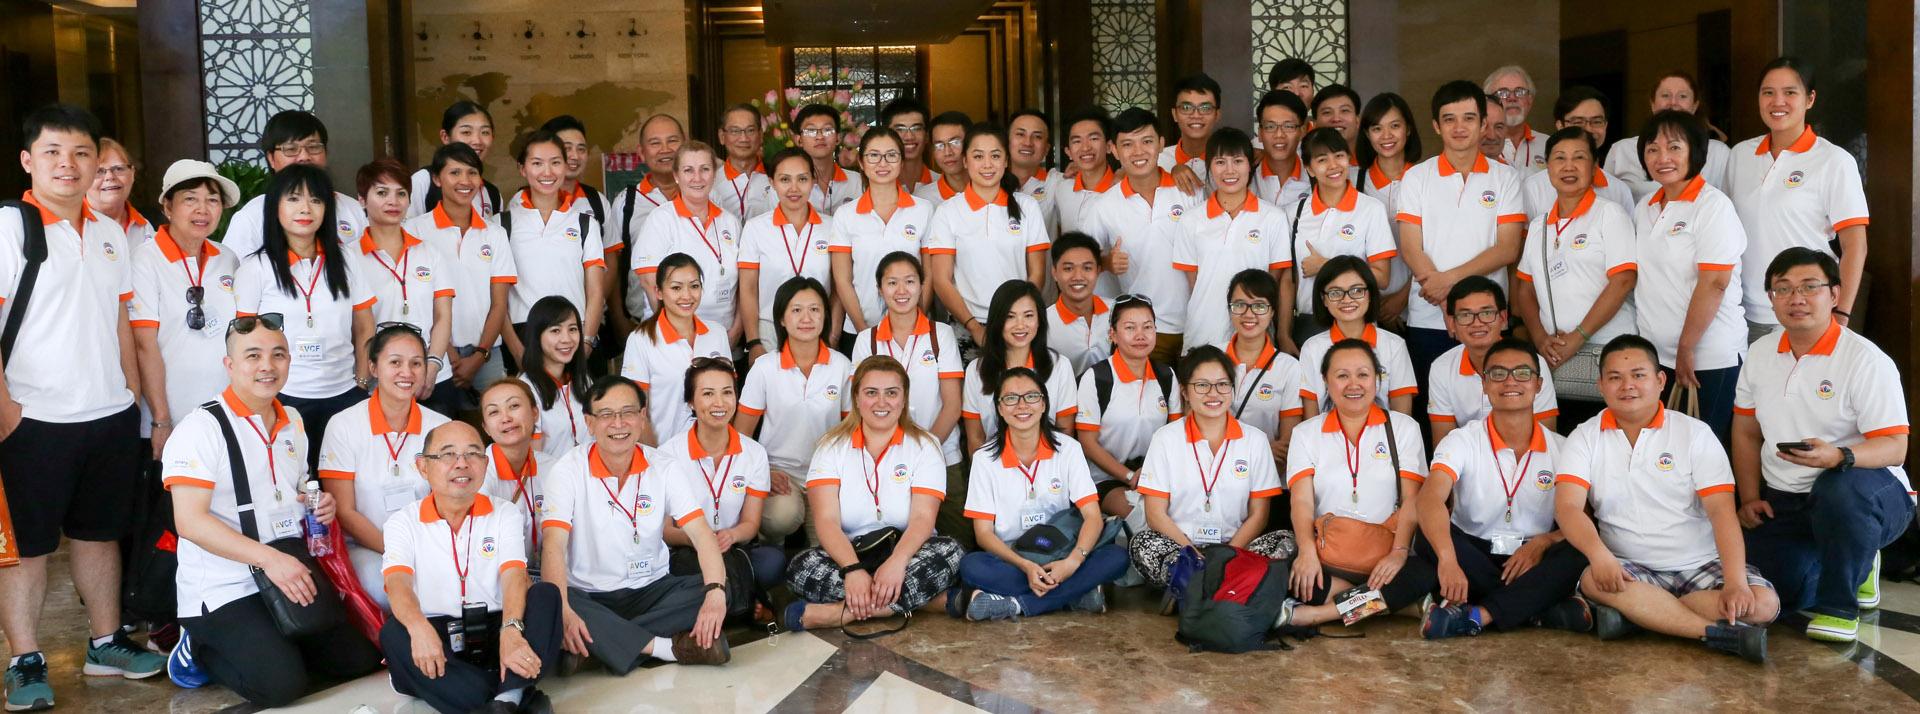 Photo of AVCF volunteers in 2016 field trip